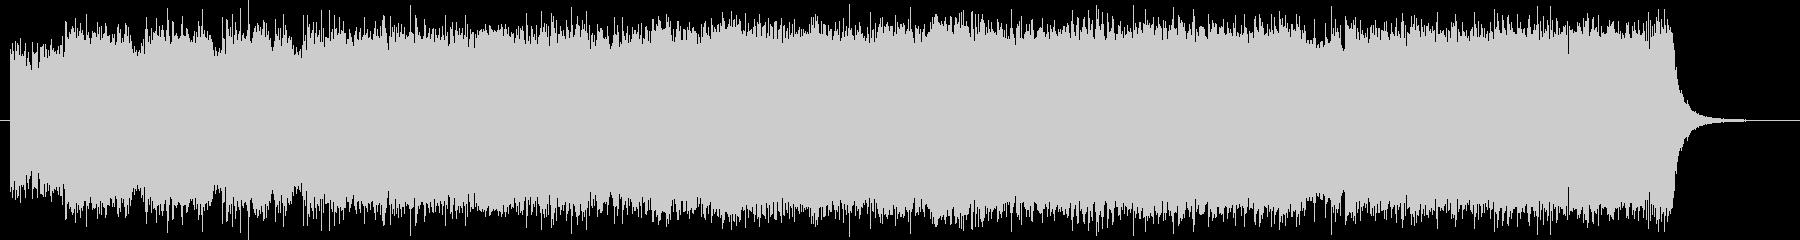 短縮verバンドサウンドの縦ノリなロックの未再生の波形